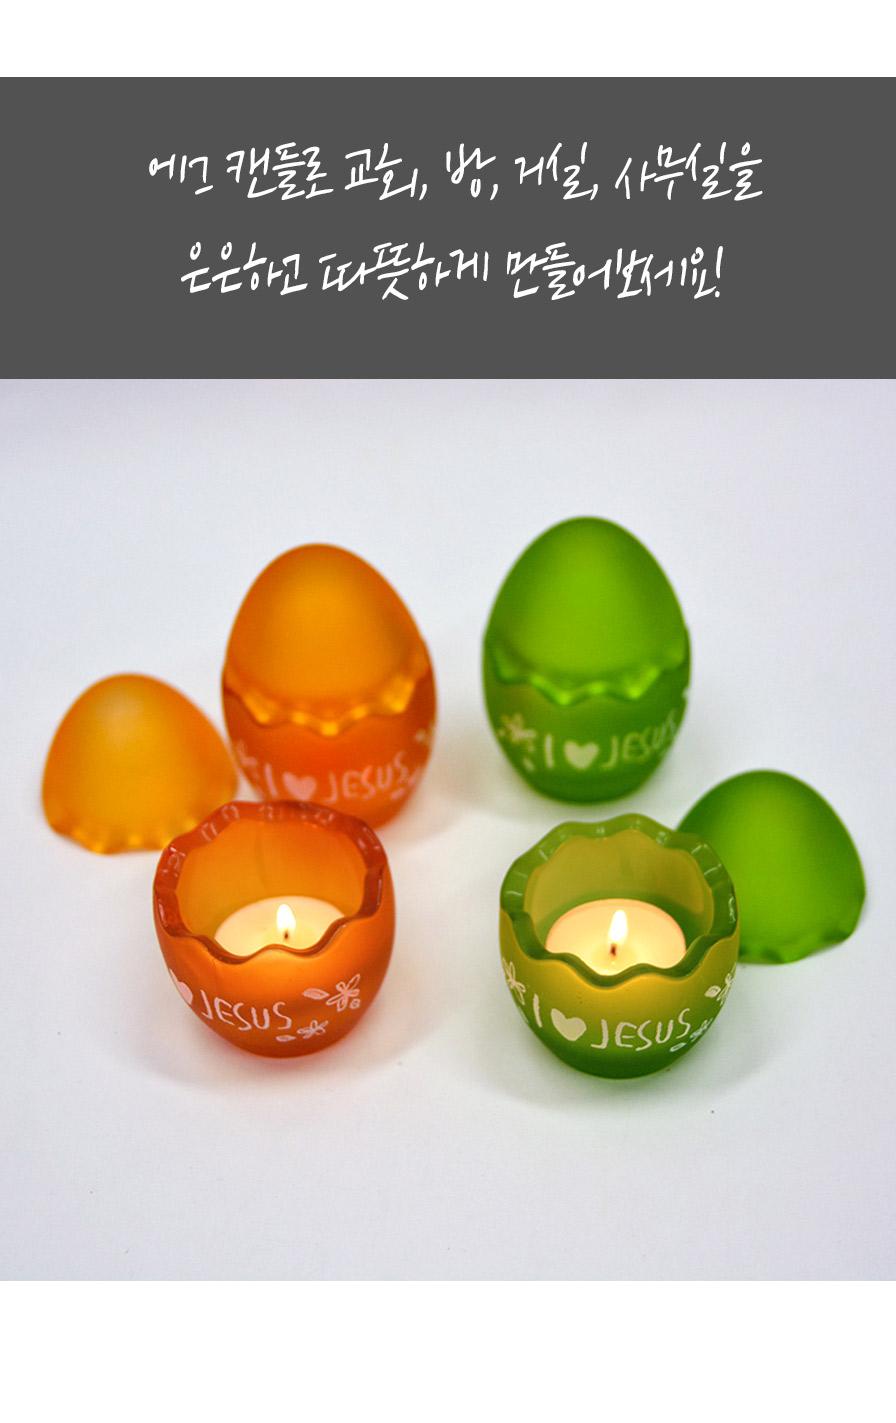 부활절 교회선물 에그 티라이트 캔들 2종 주황/연두